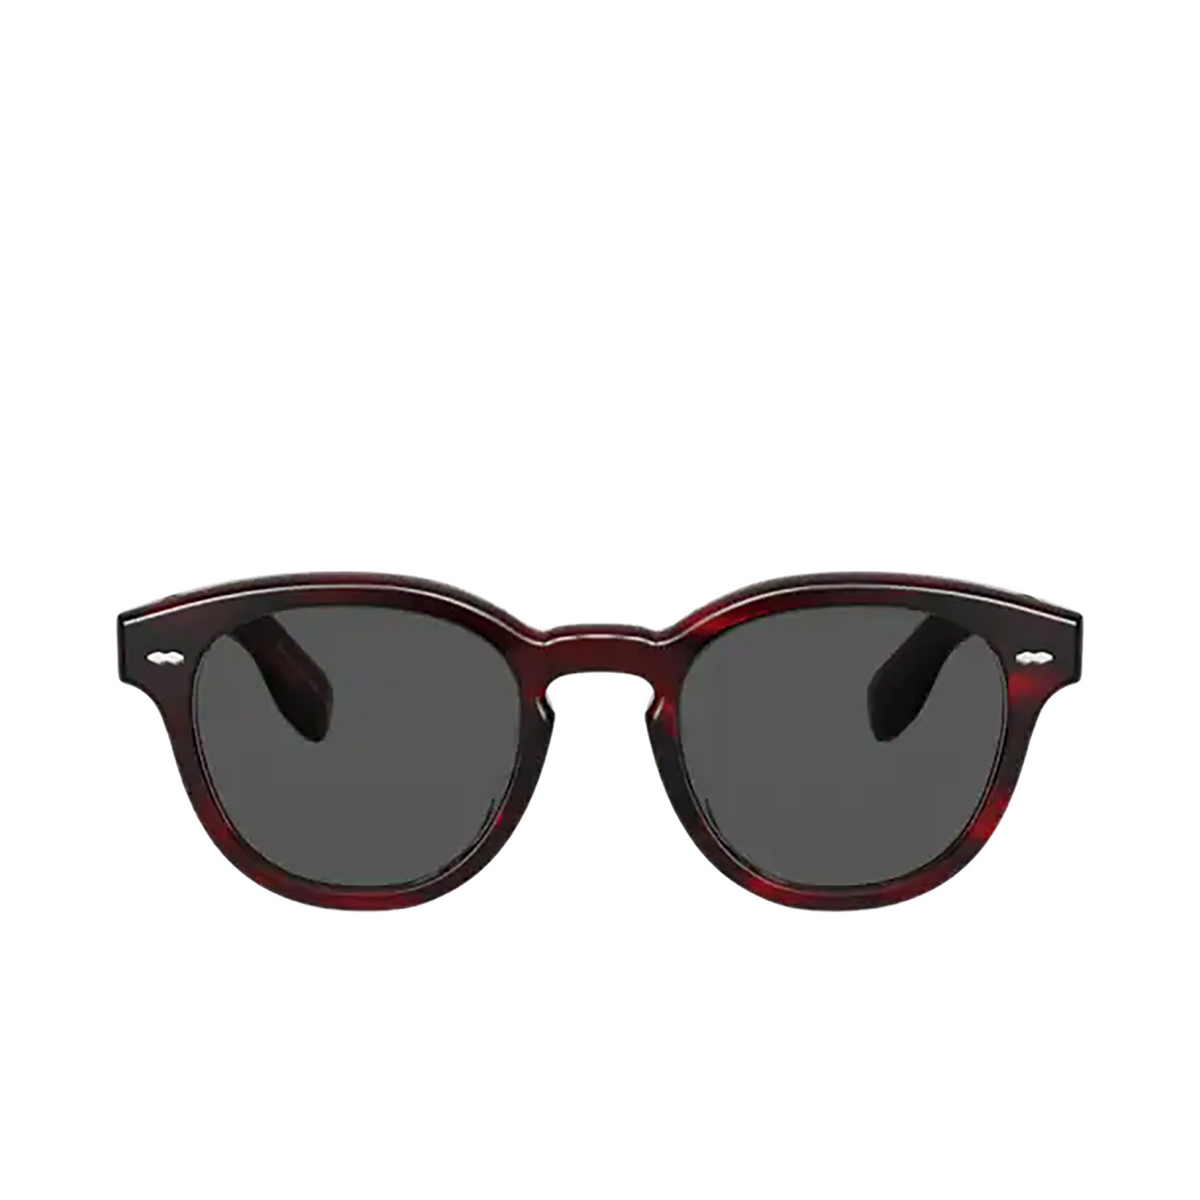 Oliver Peoples® Square Sunglasses: Cary Grant Sun OV5413SU color Bordeaux Bark 1675R5.